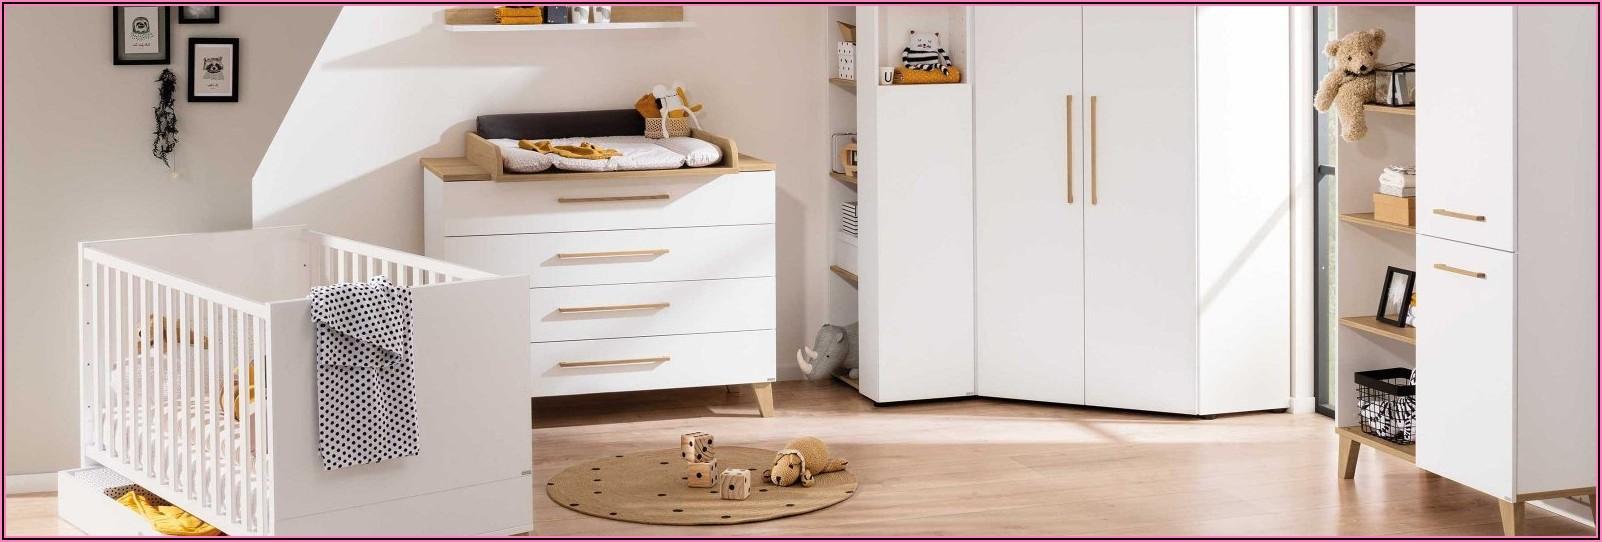 Paidi Kinderbett Möbel Kraft